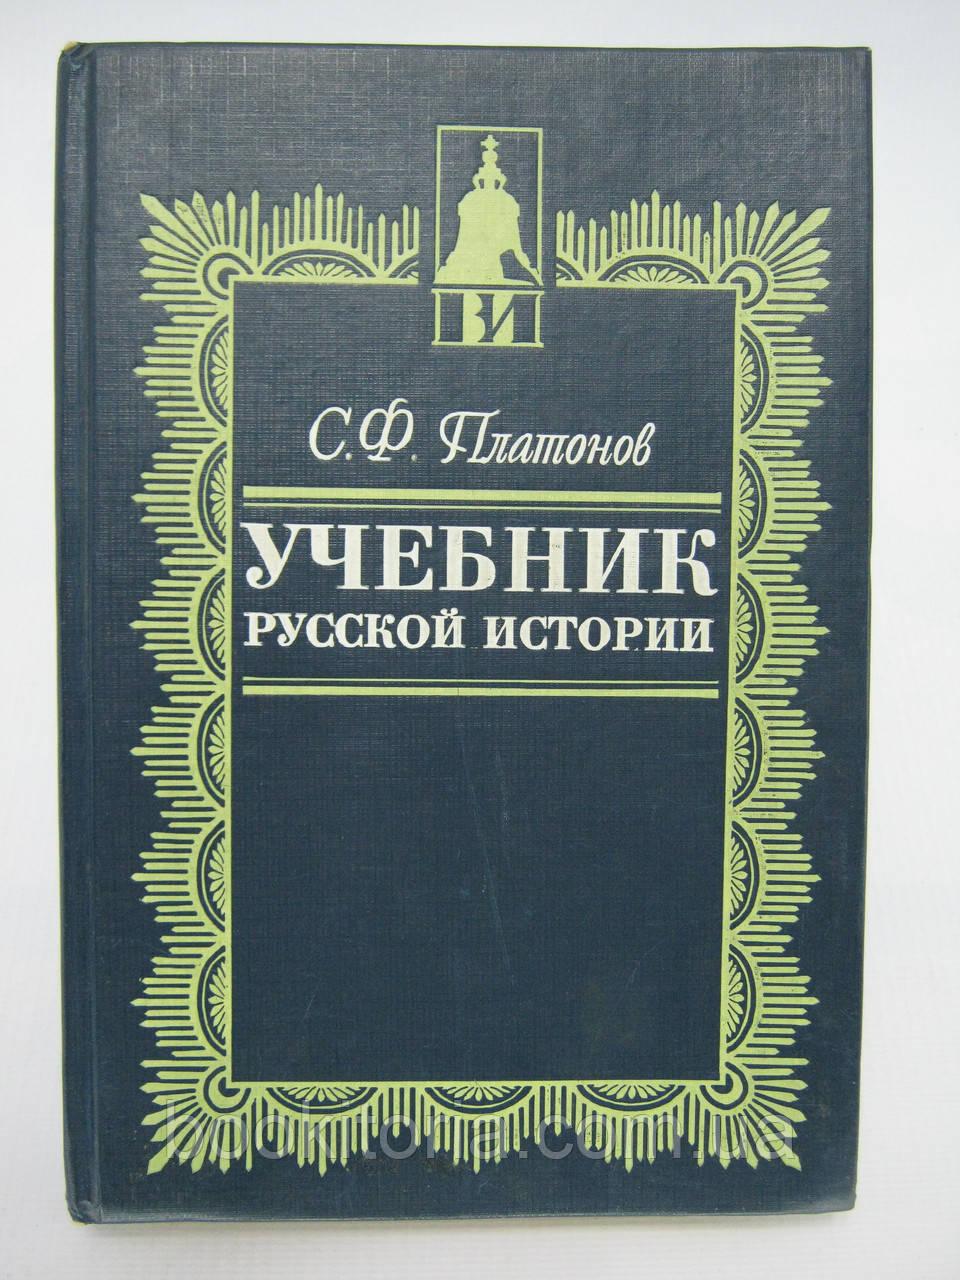 Платонов С.Ф. Учебник русской истории (б/у).